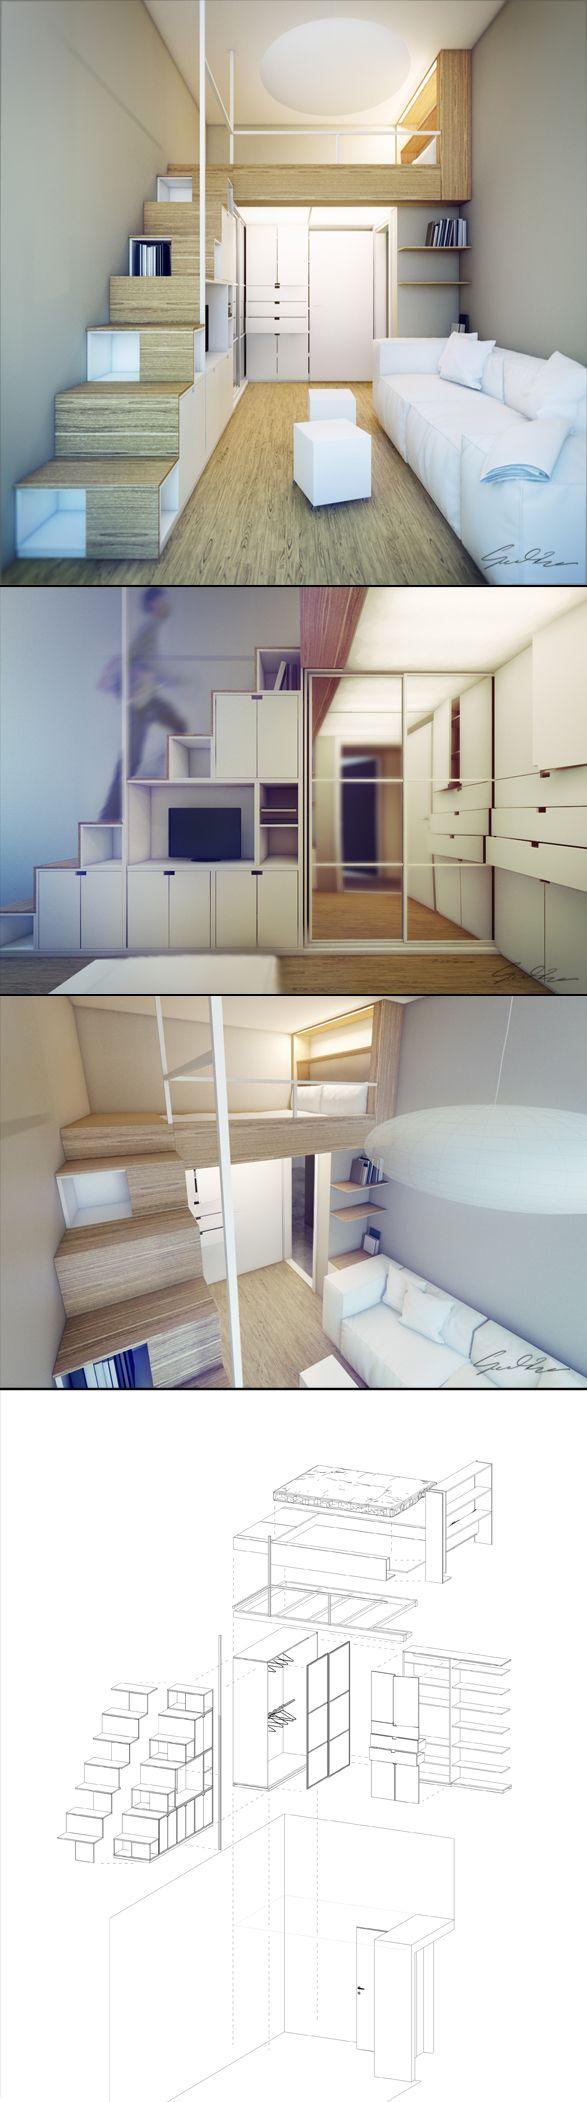 Dormitorio                                                                                                                                                                                 Más